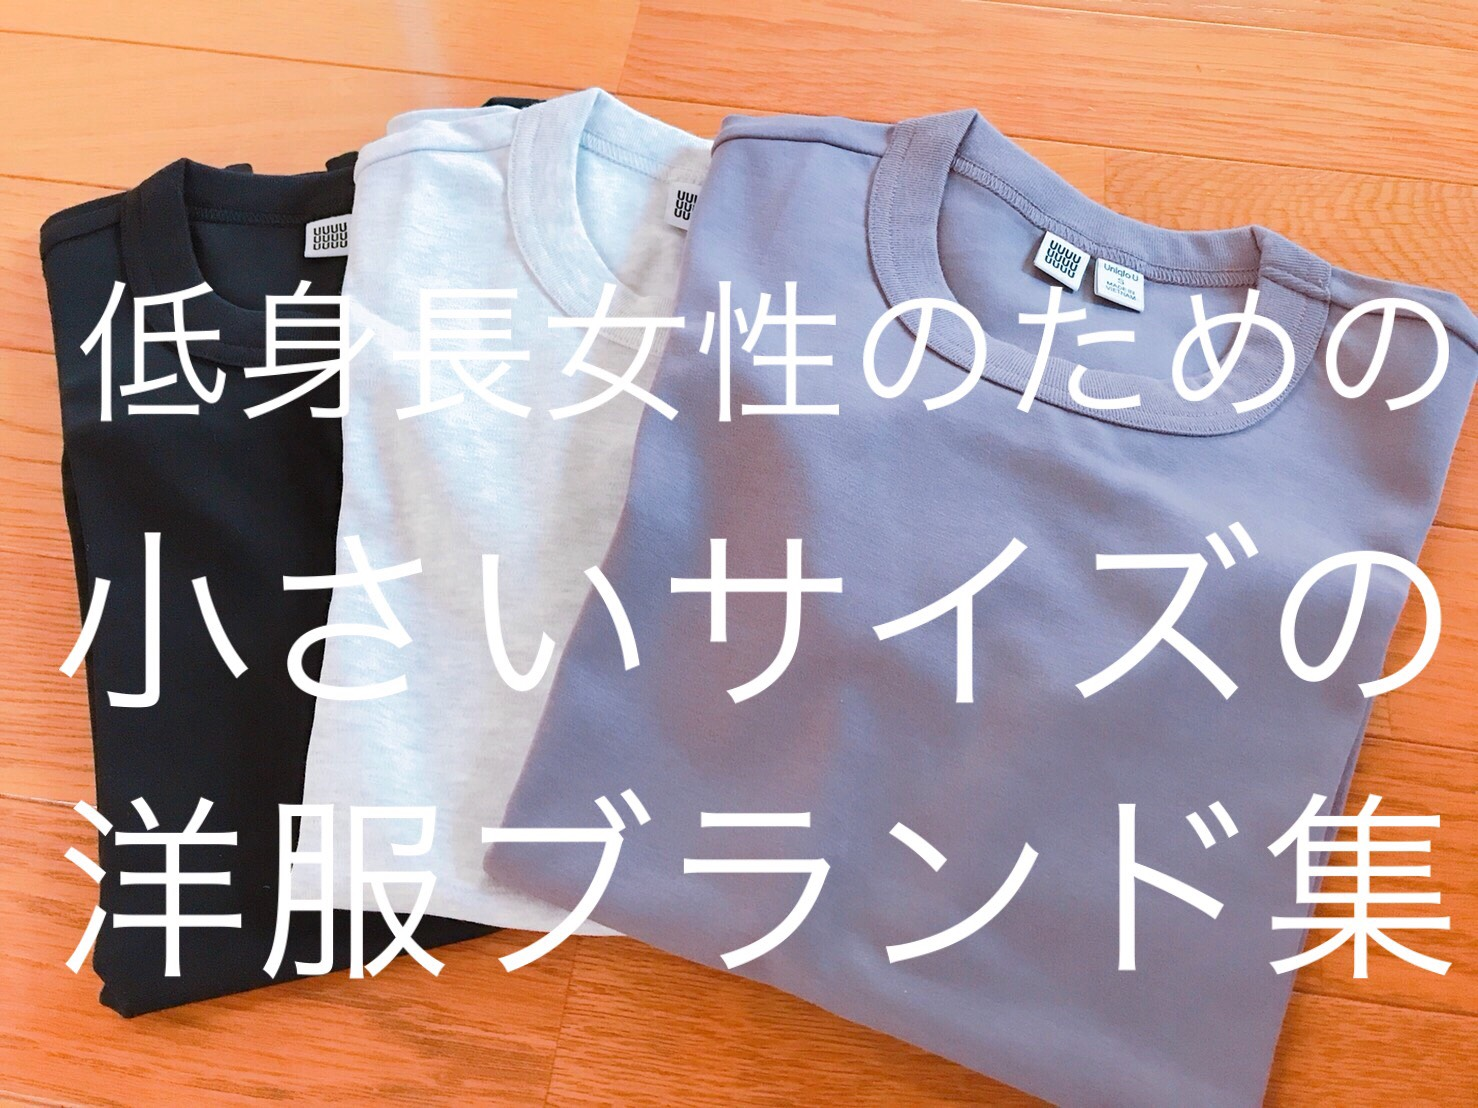 低身長女性のための小さいサイズのレディースブランド集【洋服編】